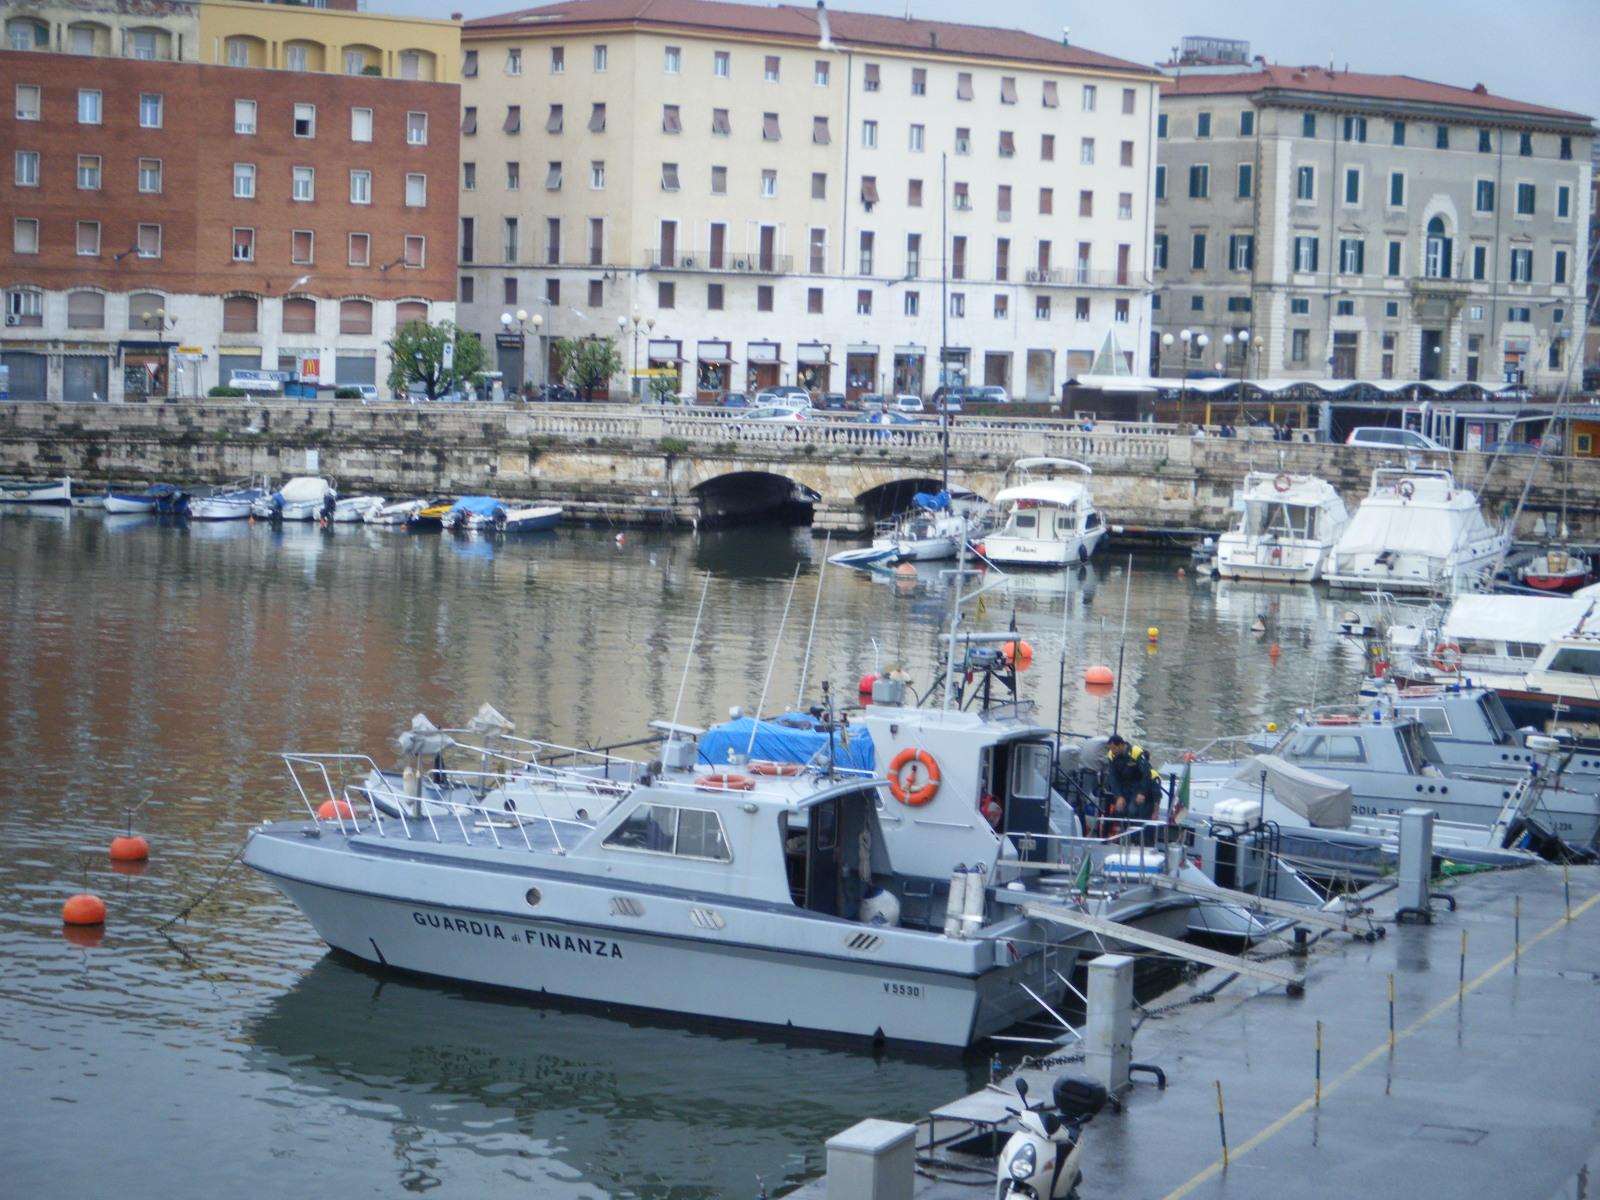 Sequestrati nel porto di Livorno oltre 4mila prodotti di falsa manifattura italiana